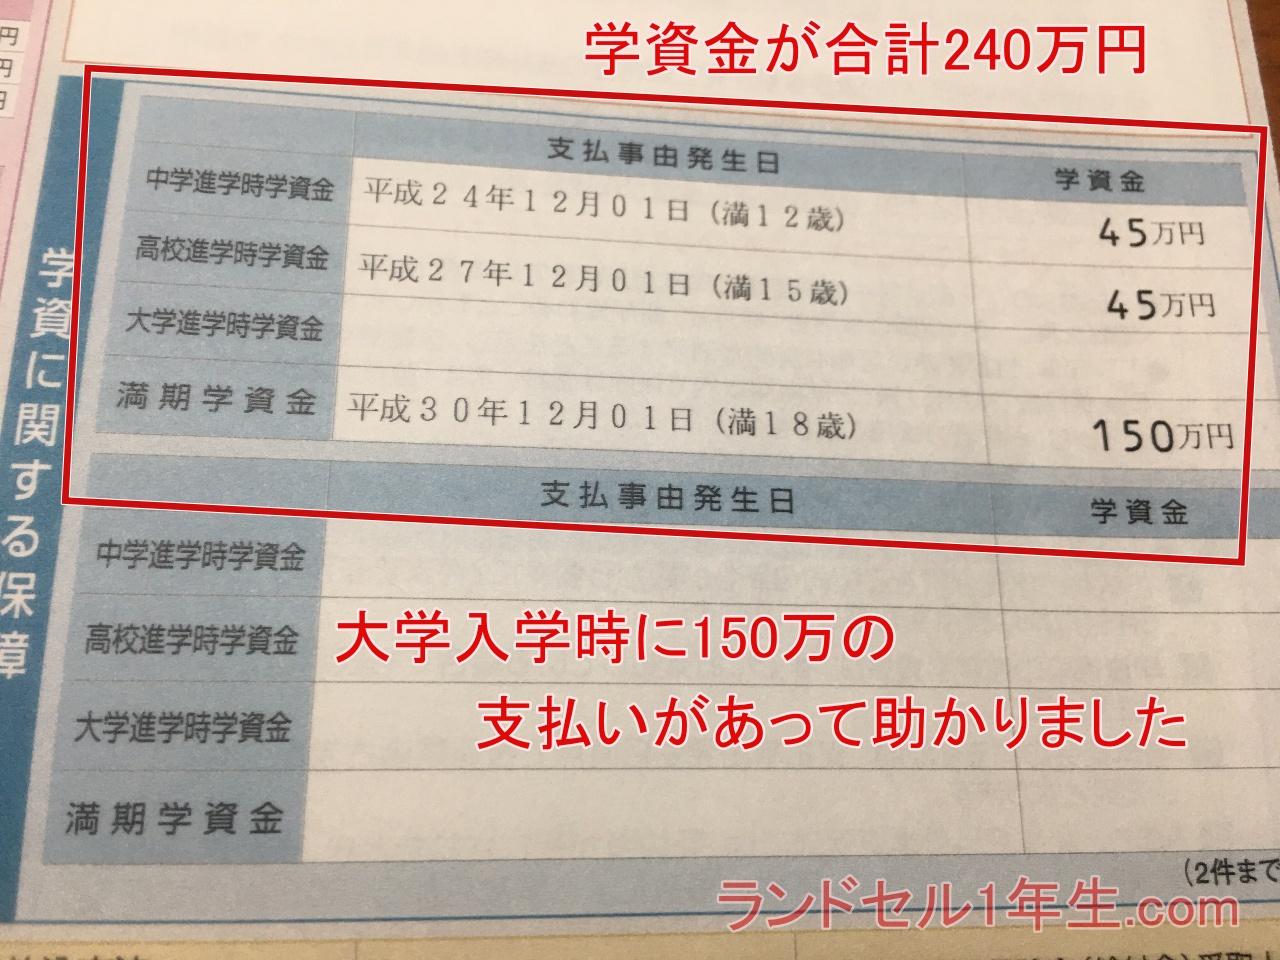 学資保険の支払いが総額で240万円もあって本当に助かりました。